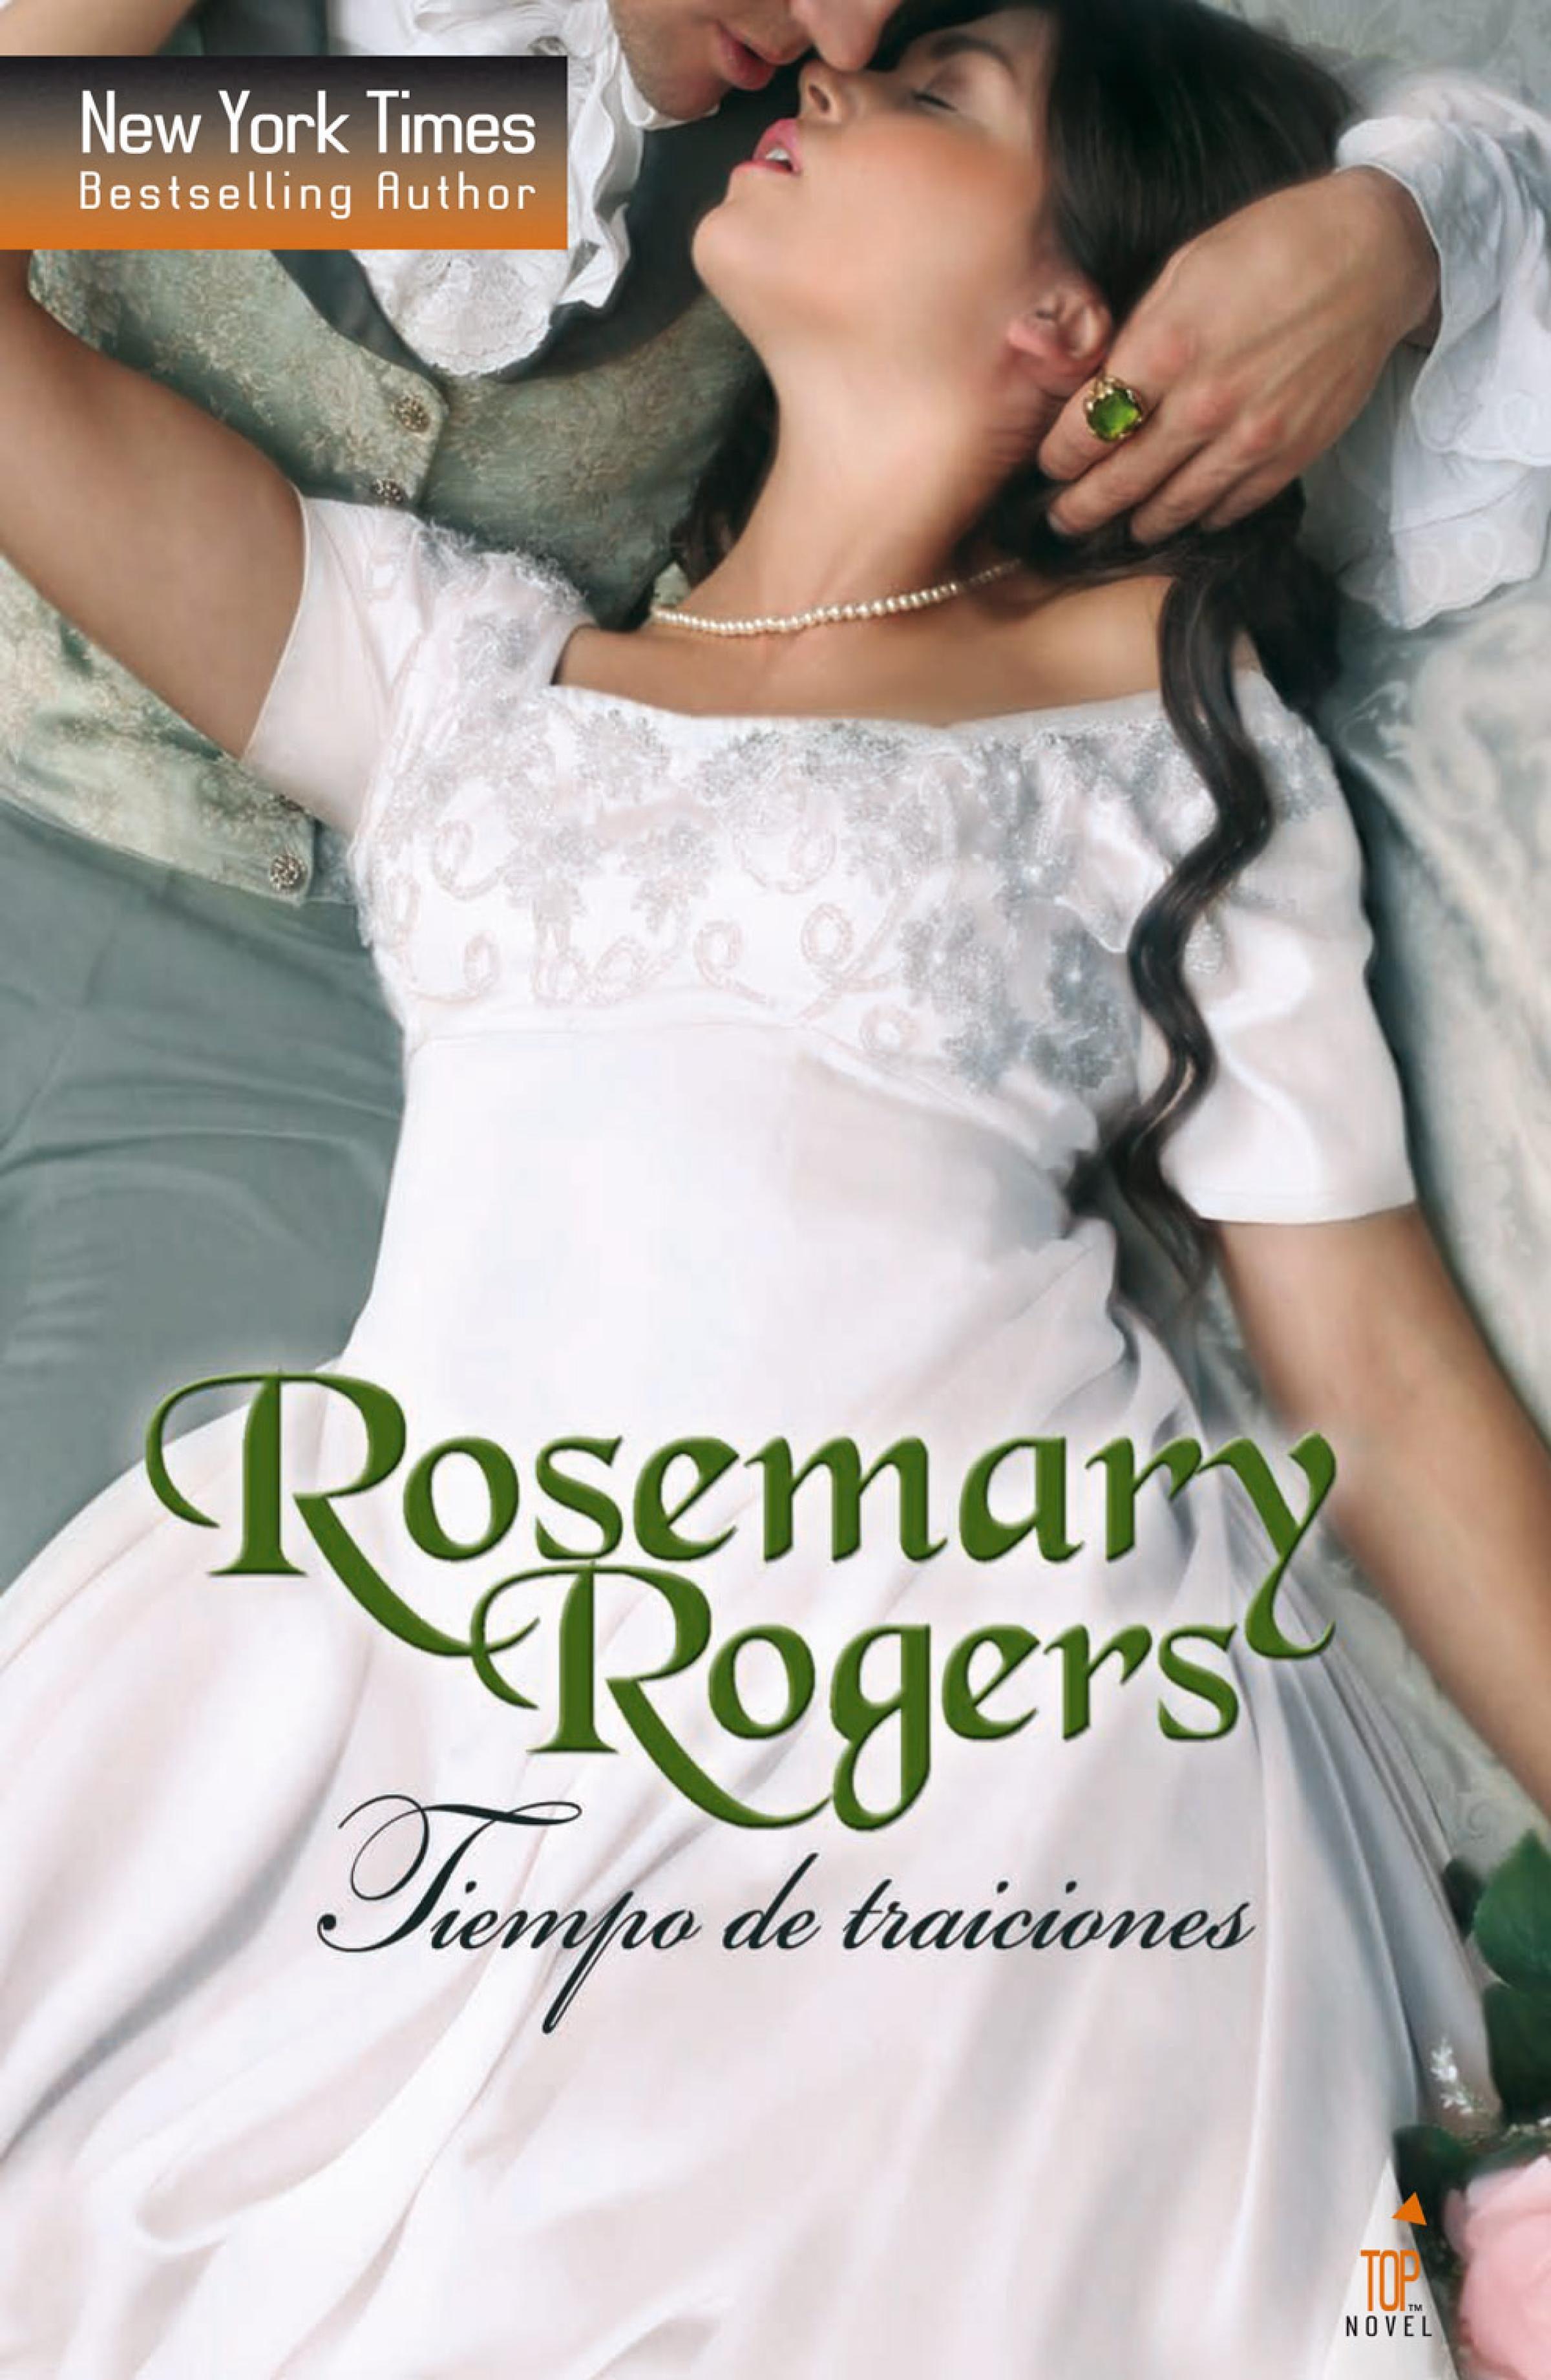 Tiempo de traiciones - Rosemary Rogers (rom) Tiempo-de-traiciones-ebook-9788468730875